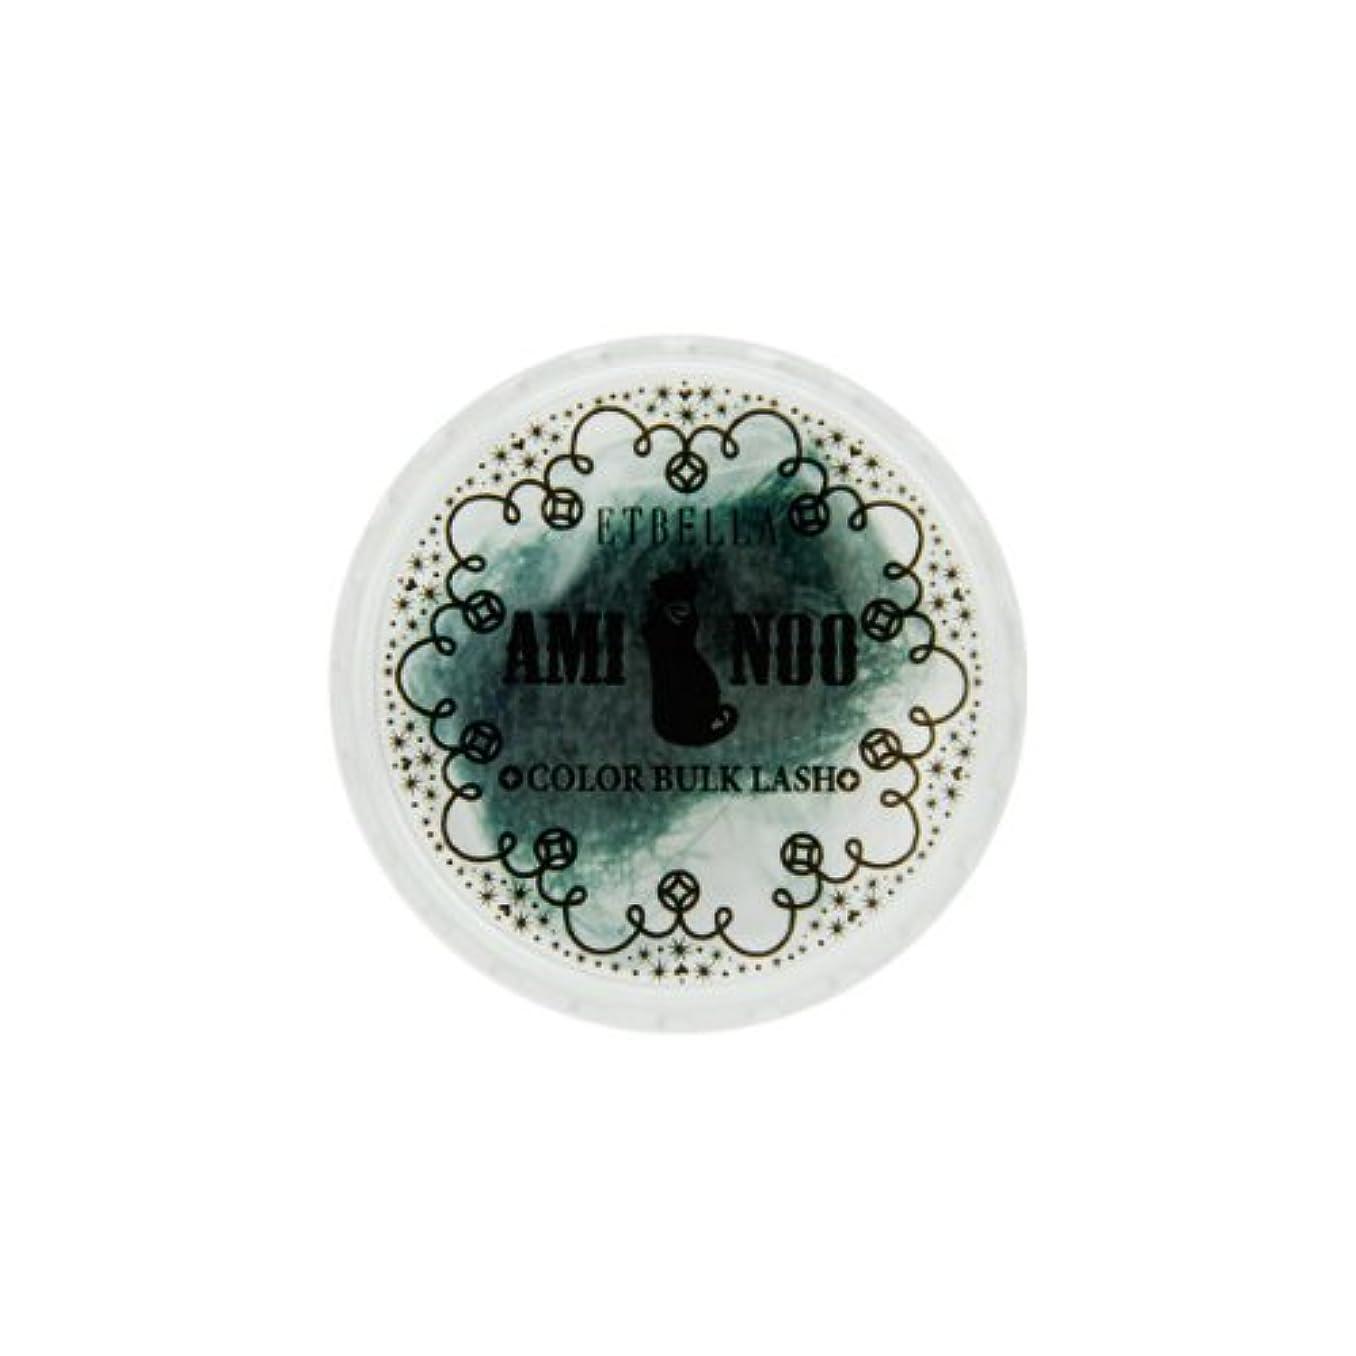 カフェトラップたくさんのエトゥベラ アミヌ カラーラッシュ グリーン Jカール 太さ0.15mm×長さ10mm 0.2g